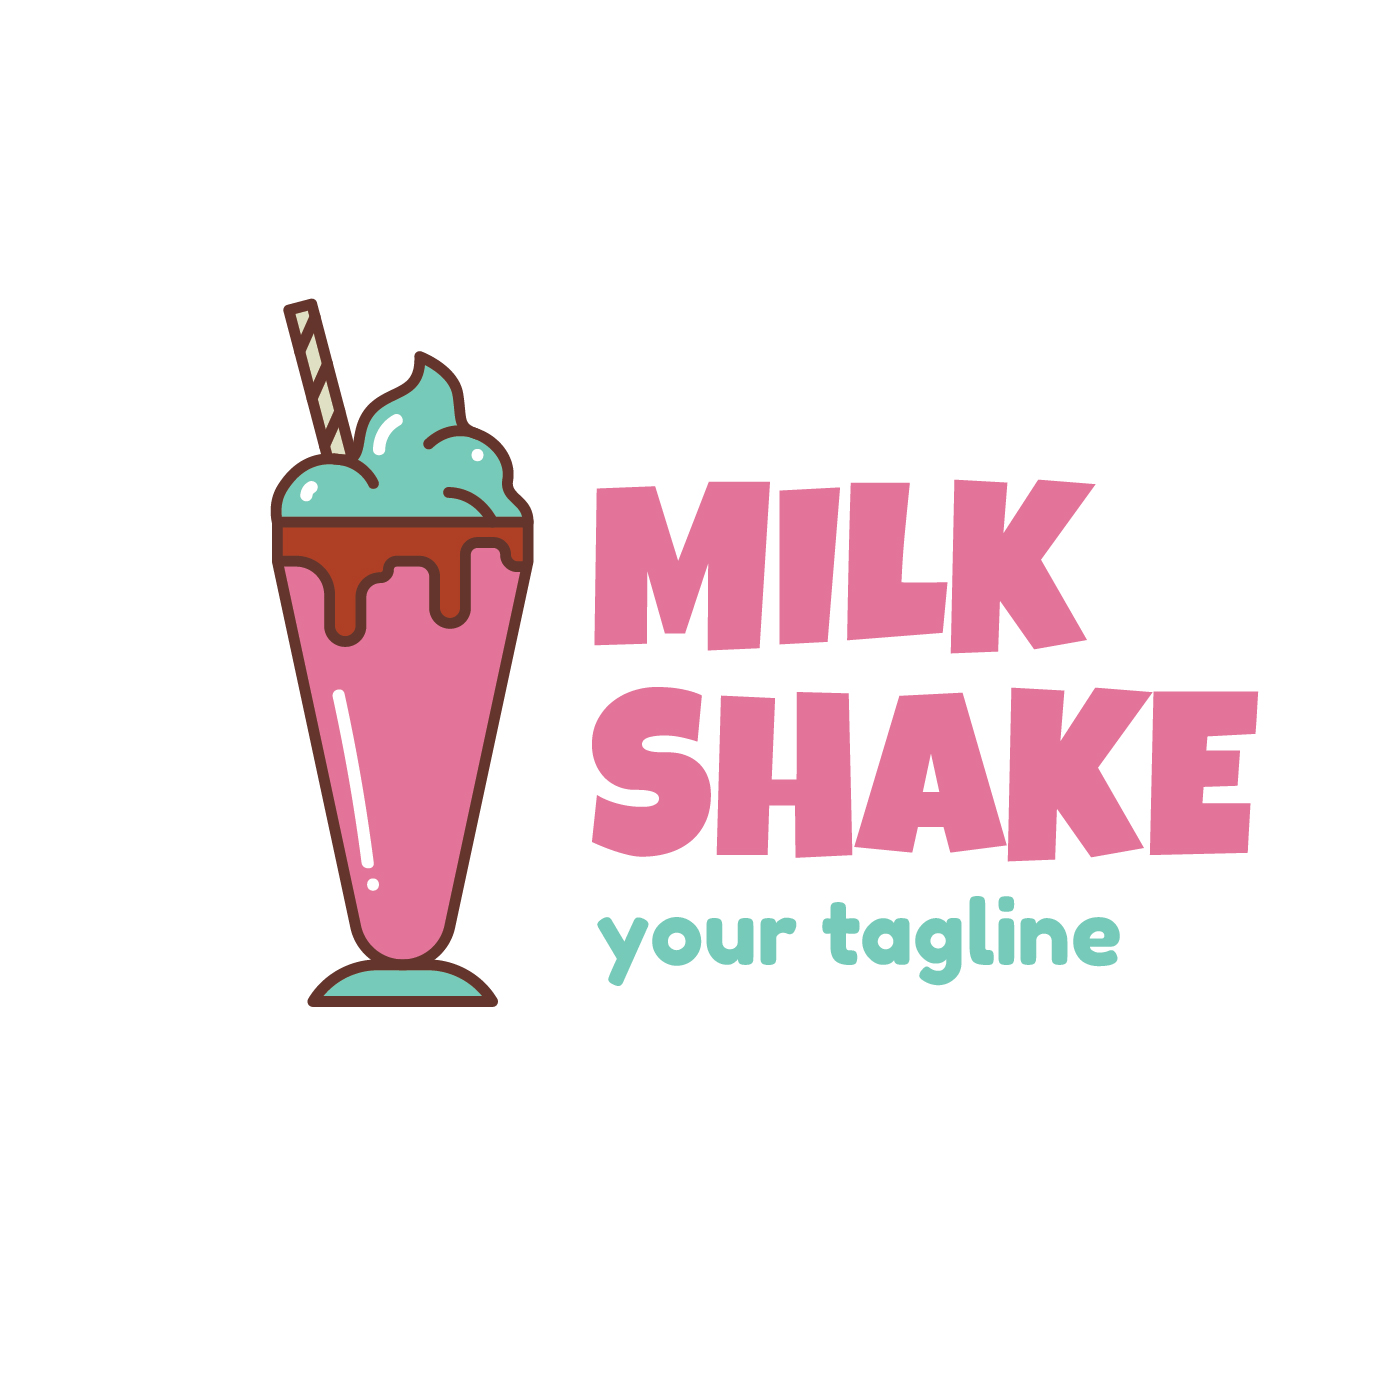 Plantilla de logotipo de batido de leche - Descargue Gráficos y ...